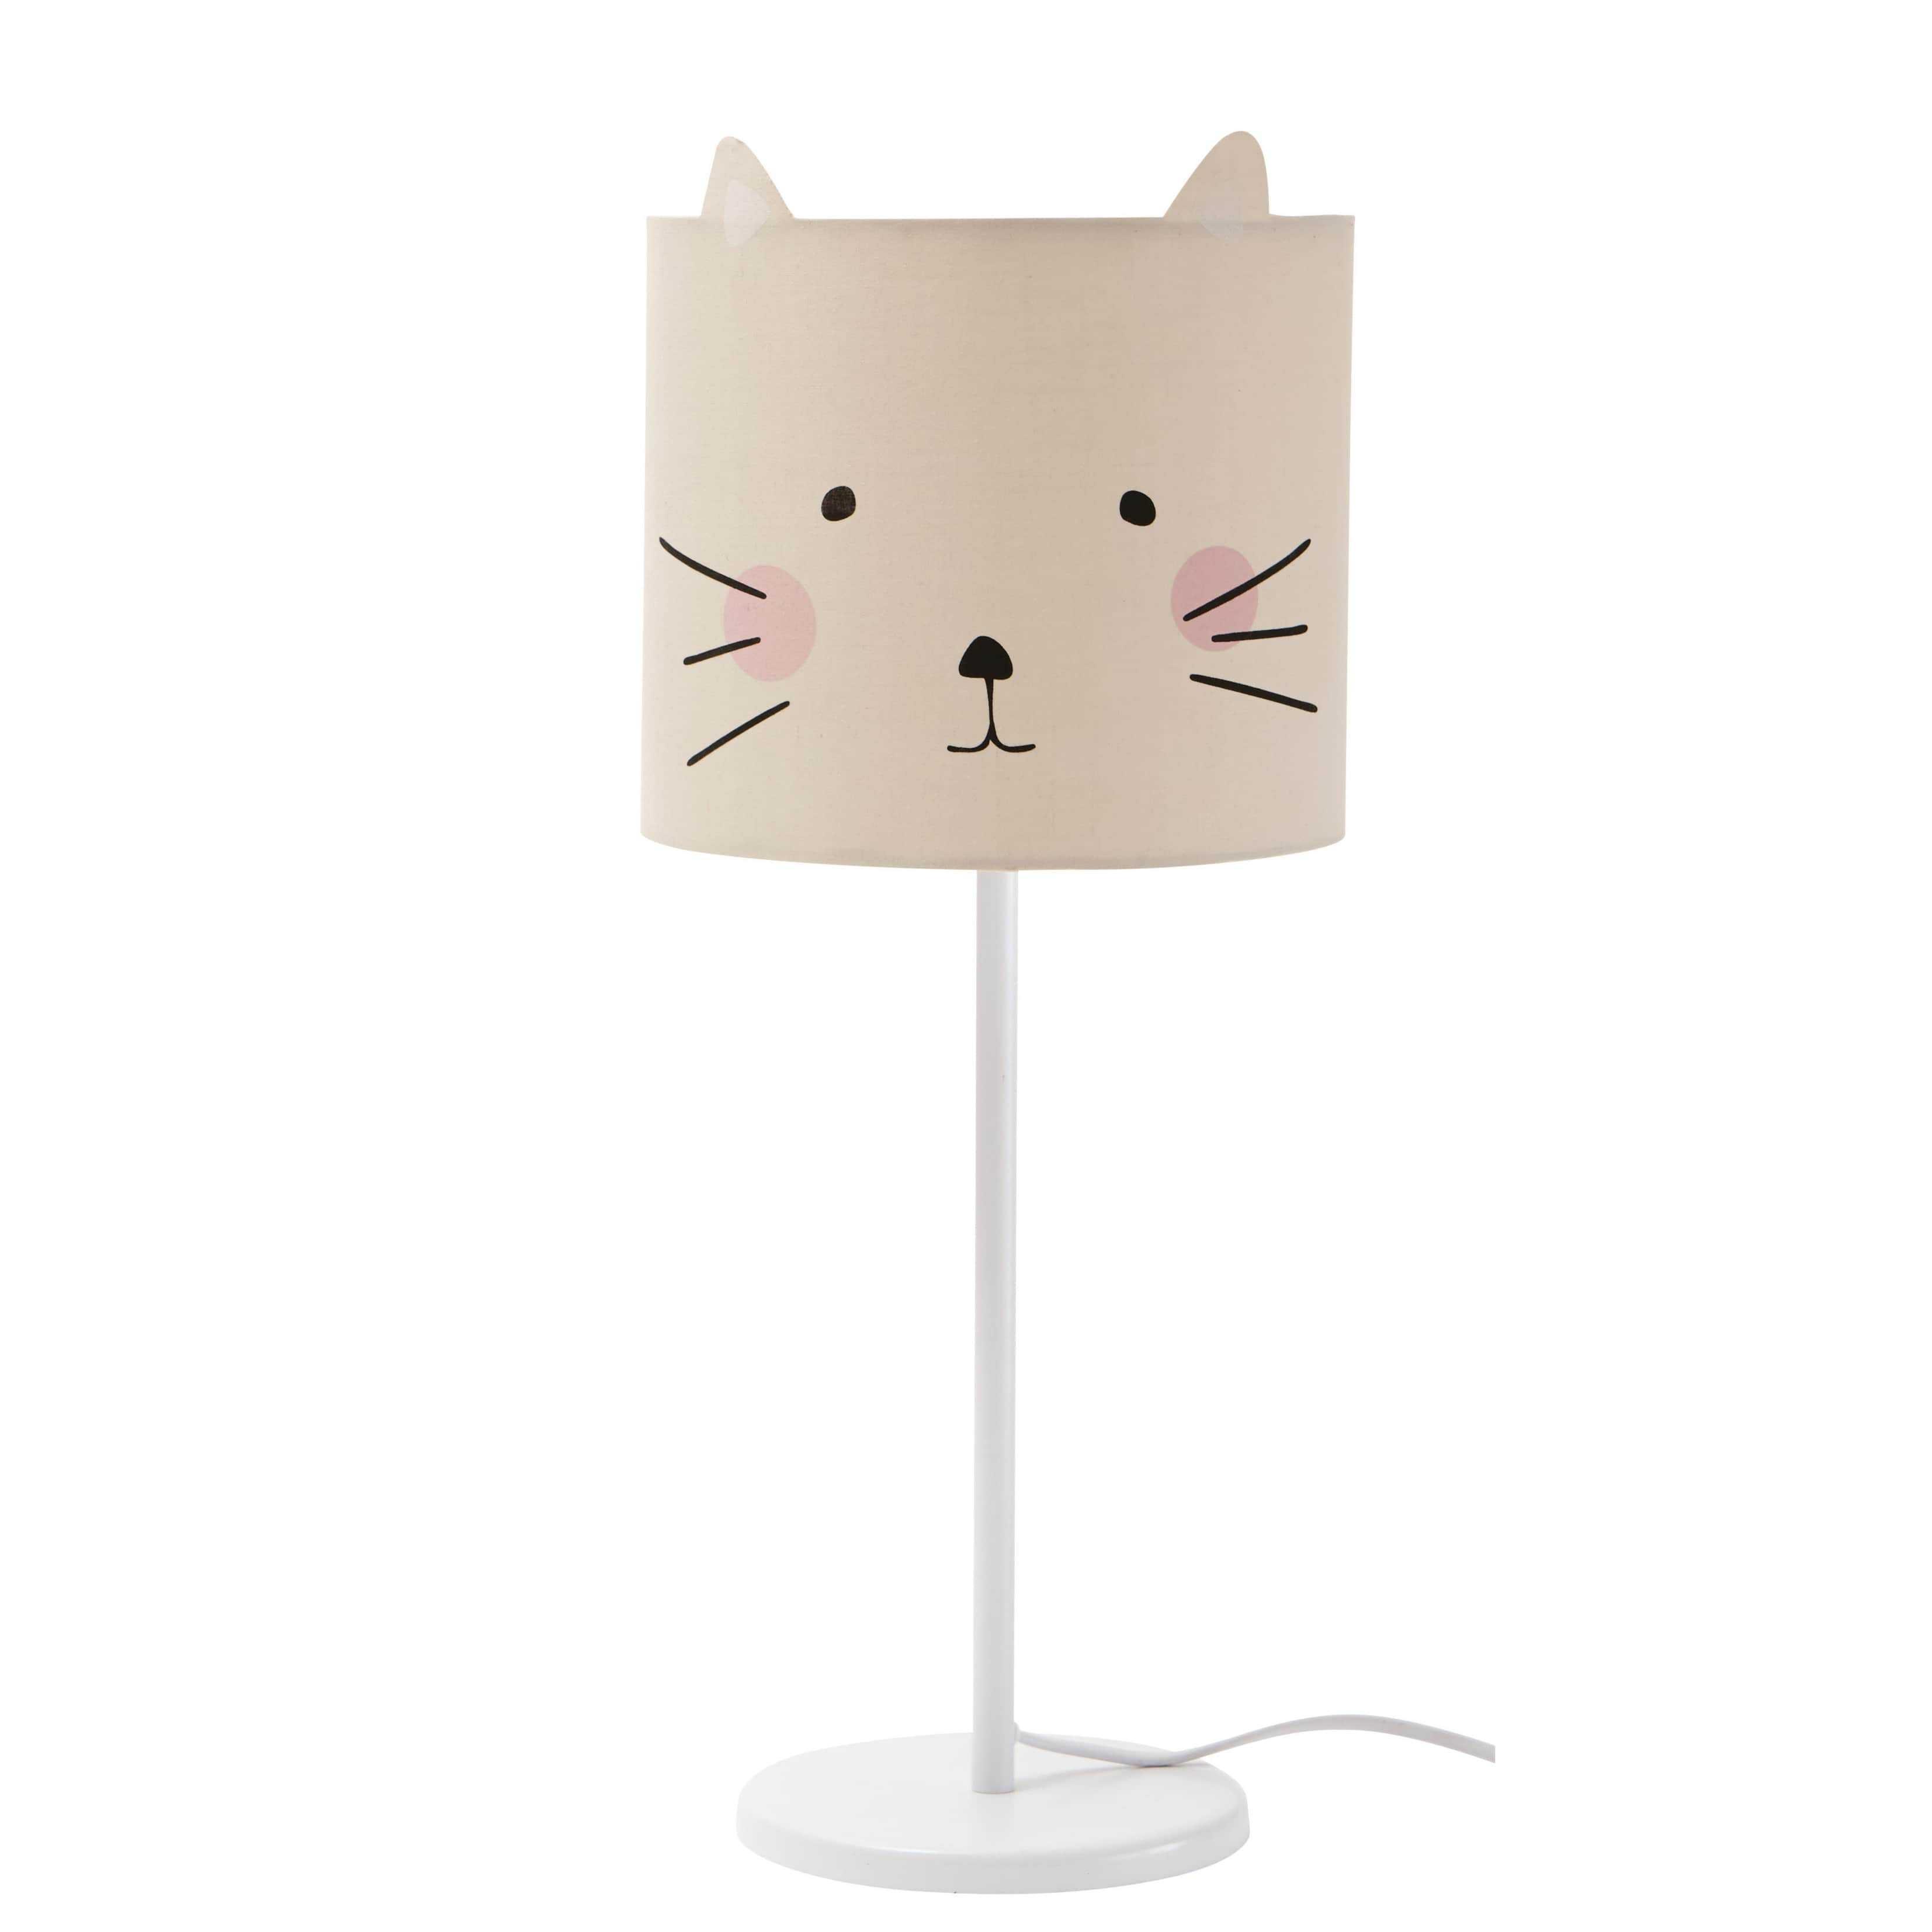 Lampe de chevet design ado fille - Idée de luminaire et ...